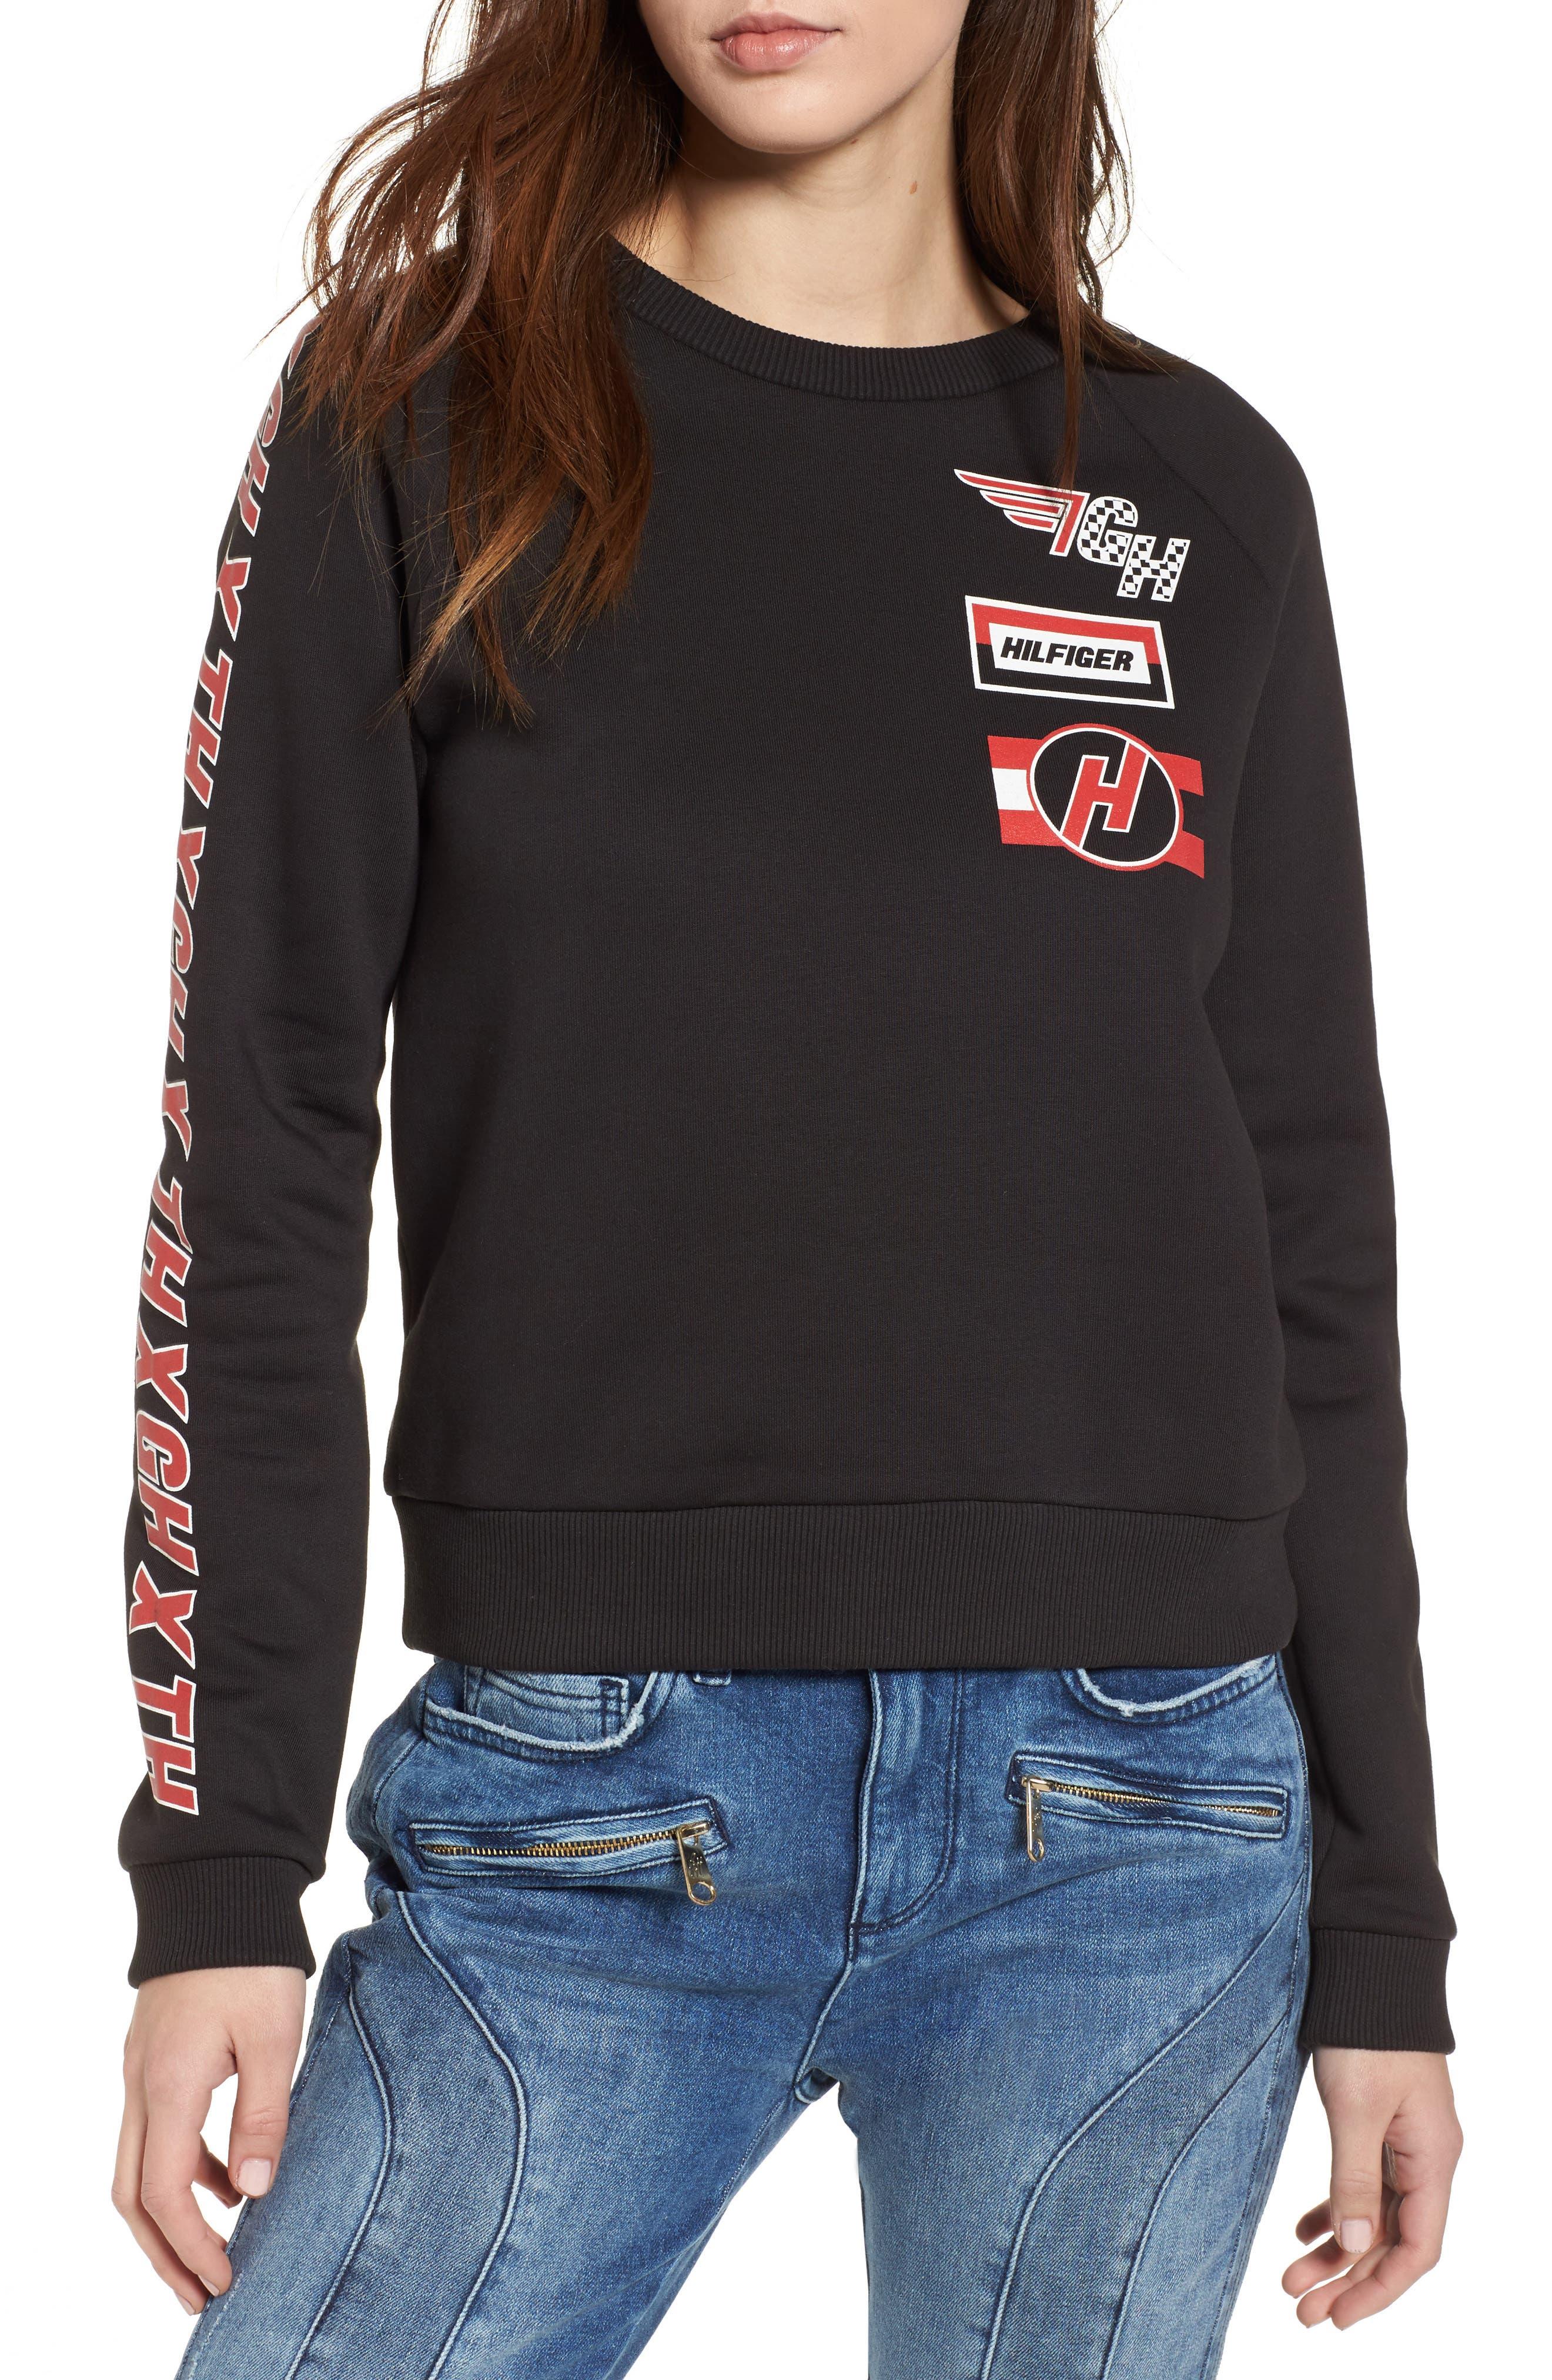 Main Image - TOMMY JEANS x Gigi Hadid Team Sweatshirt